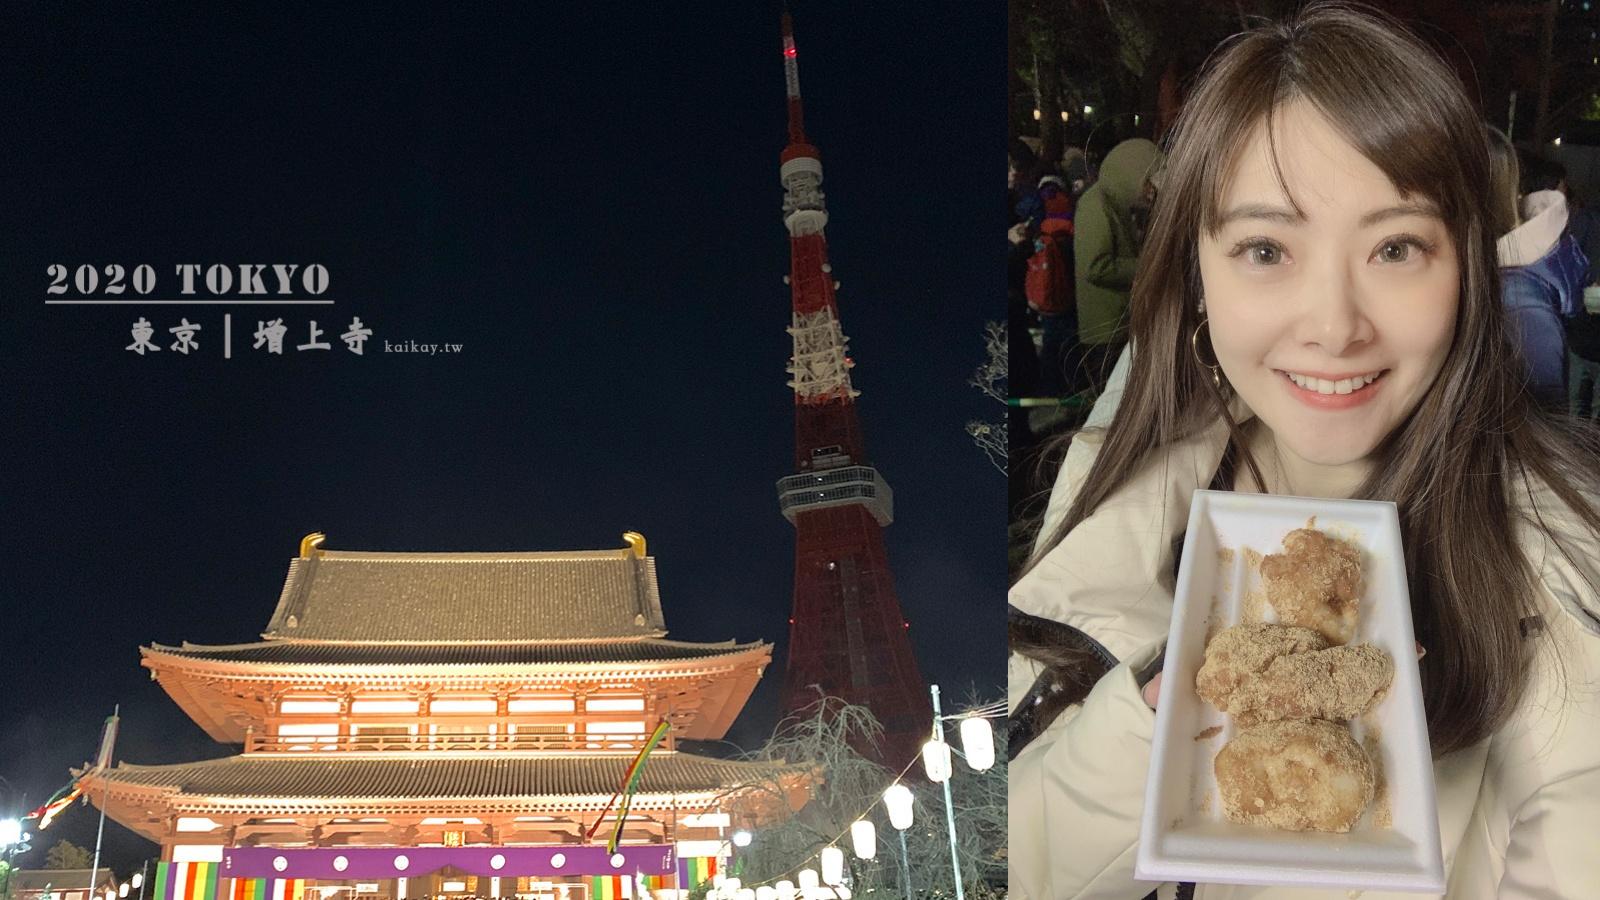 ☆【2020。東京】日本跨年就去增上寺初詣!跟東京鐵塔一起跨年的小尷尬回憶 @凱的日本食尚日記